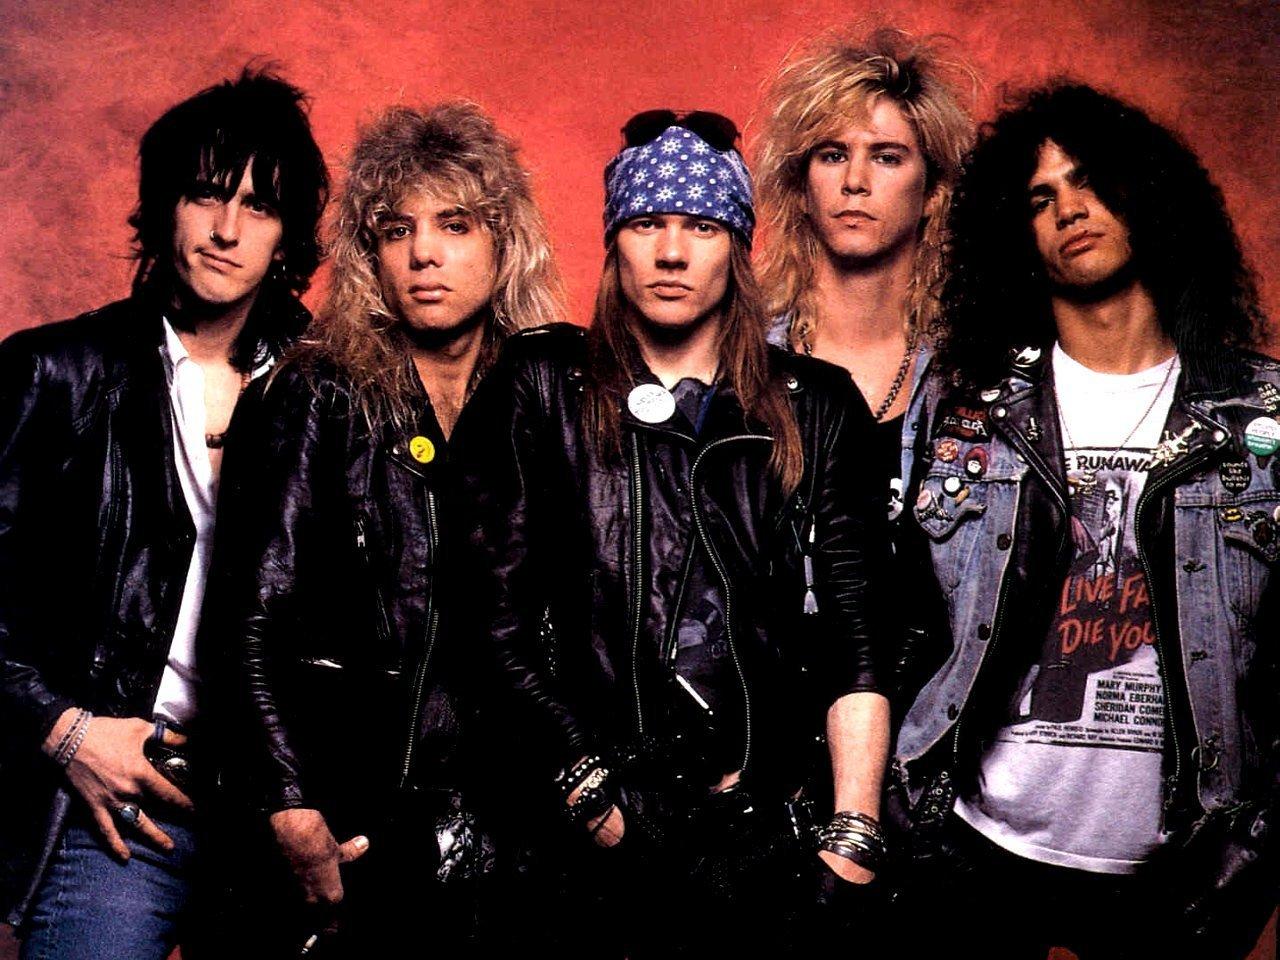 Guns_N_Roses_old photo.jpg